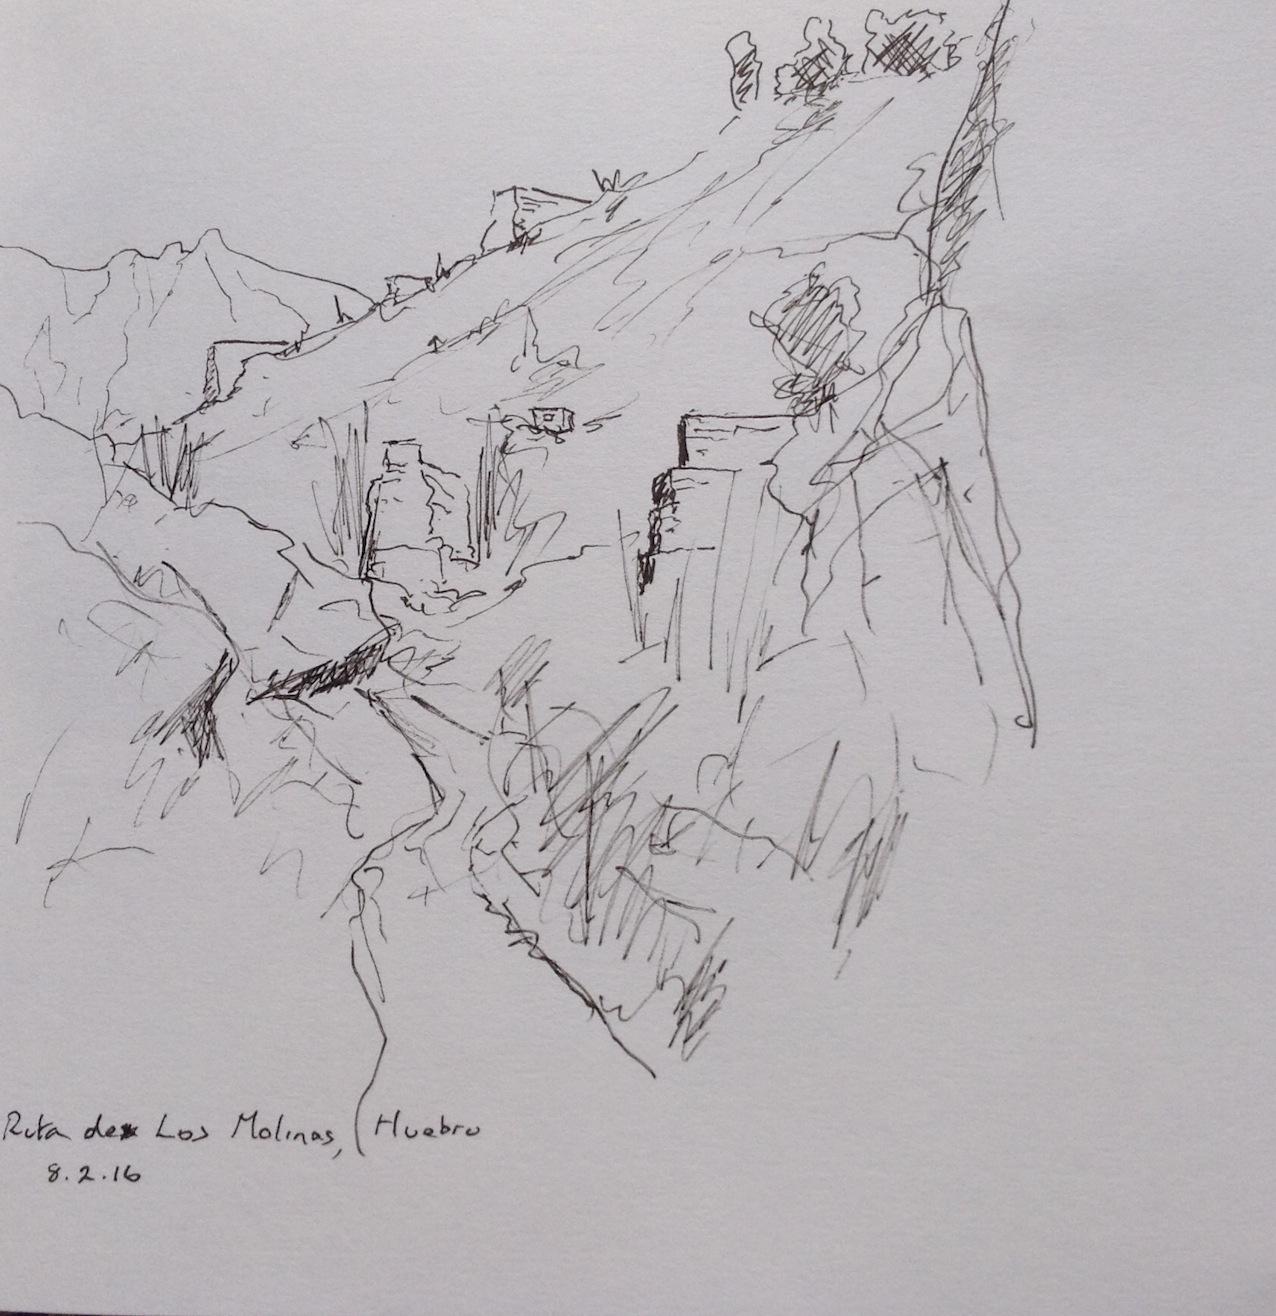 Ruta de los Molinos